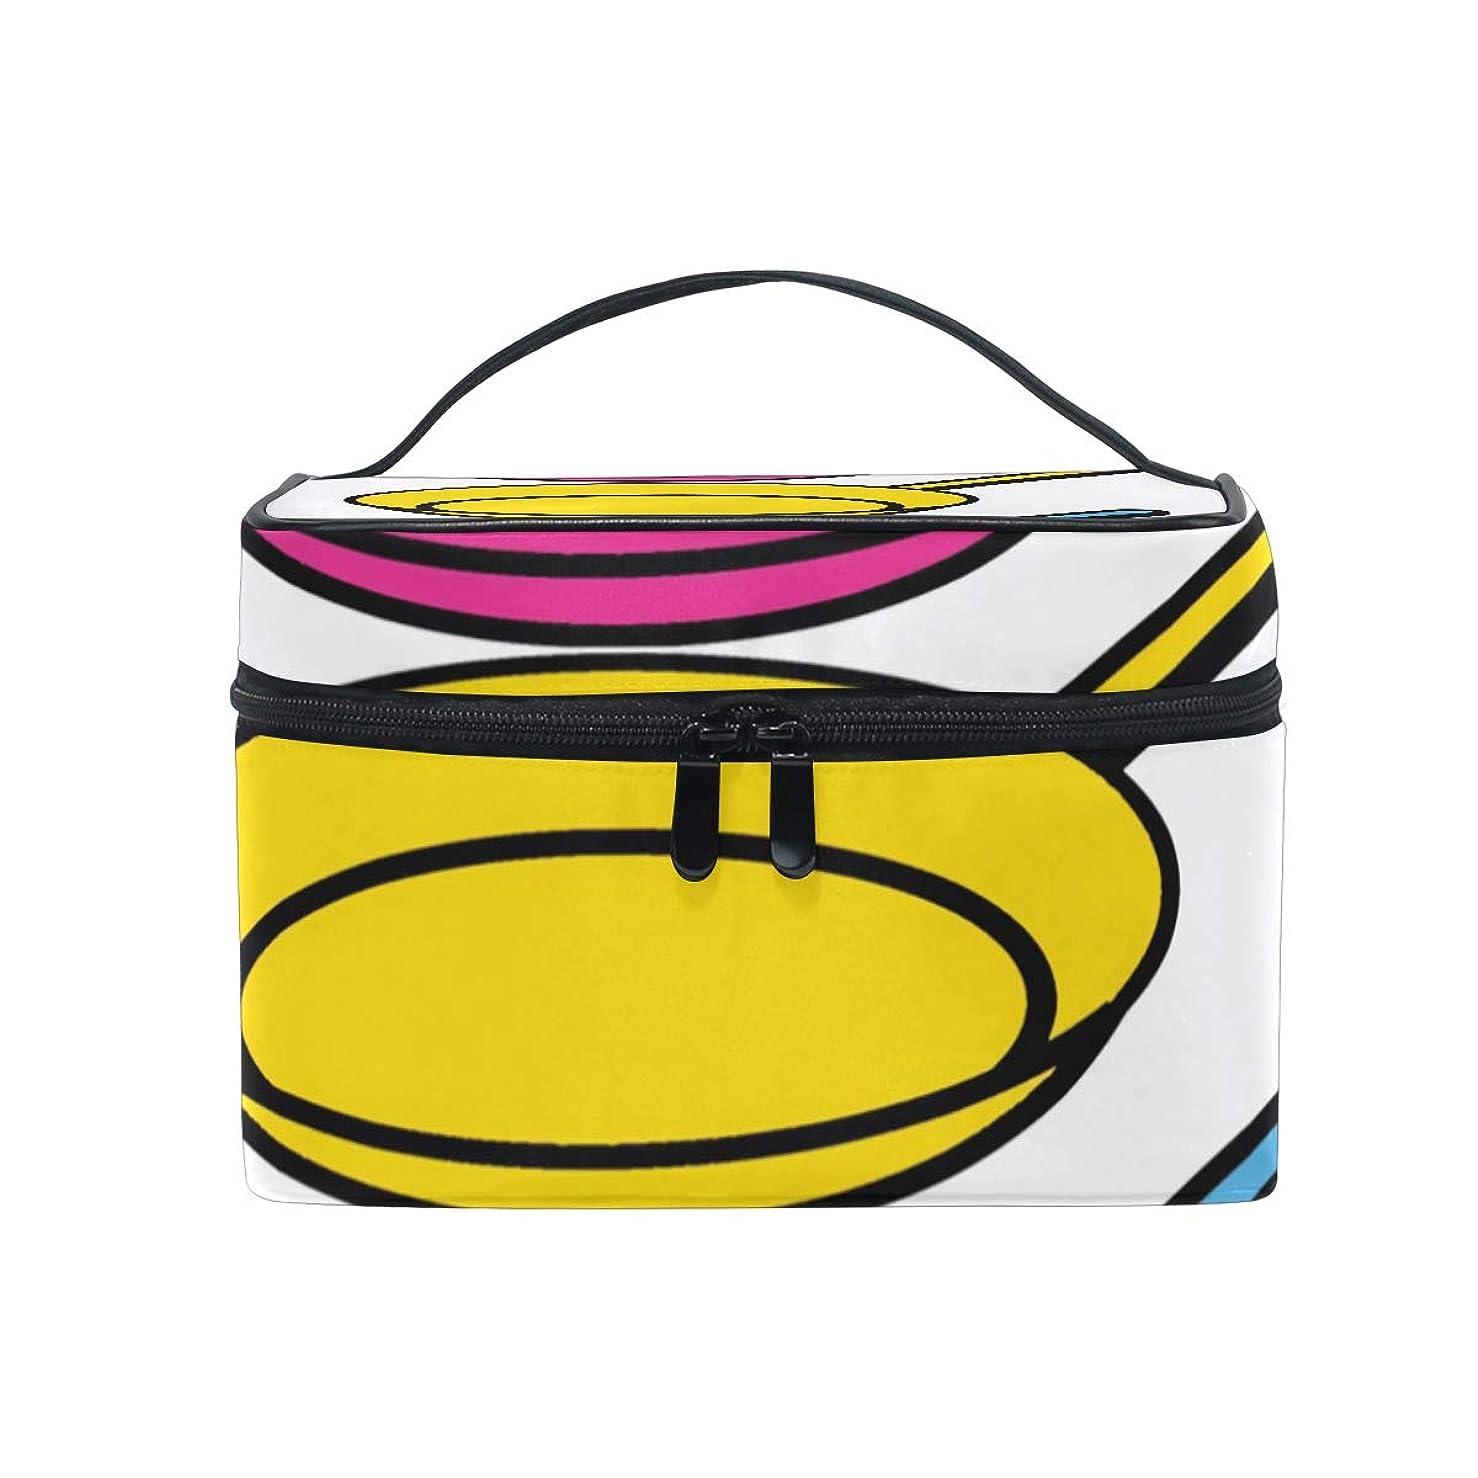 トースト腐った追い払うメイクボックス 一般的な愛柄 化粧ポーチ 化粧品 化粧道具 小物入れ メイクブラシバッグ 大容量 旅行用 収納ケース